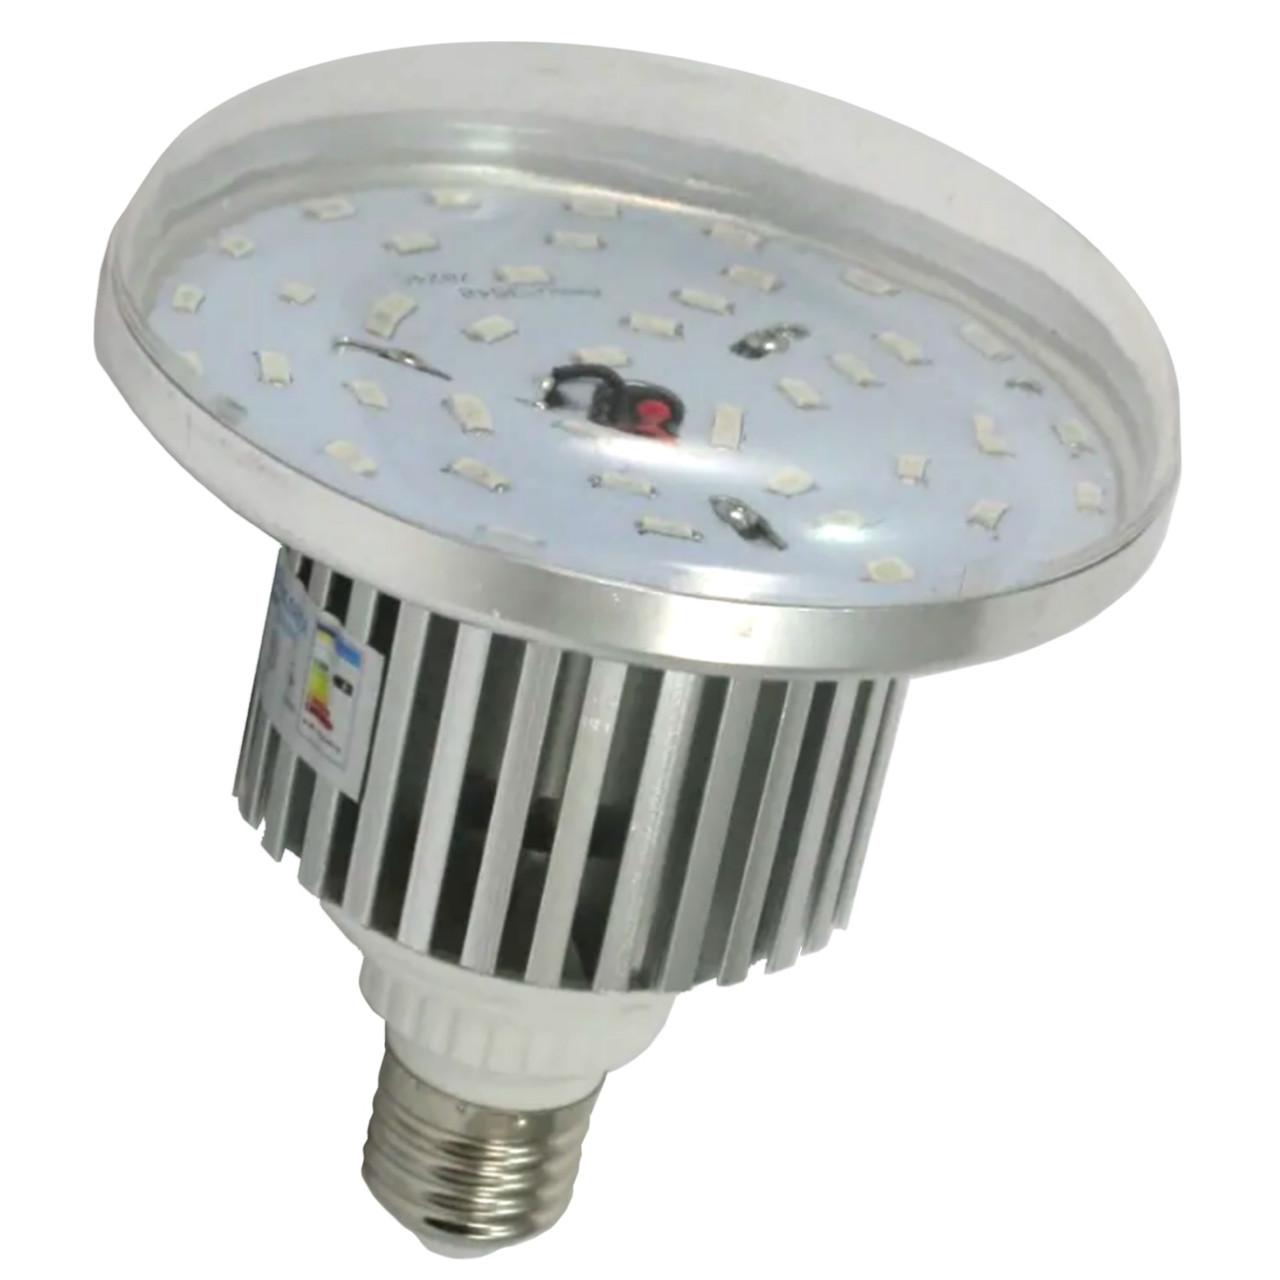 Светодиодная фито лампа 16Вт BULB16F  R:B=4:2 (4 красных 2 синих ФИТО свет)